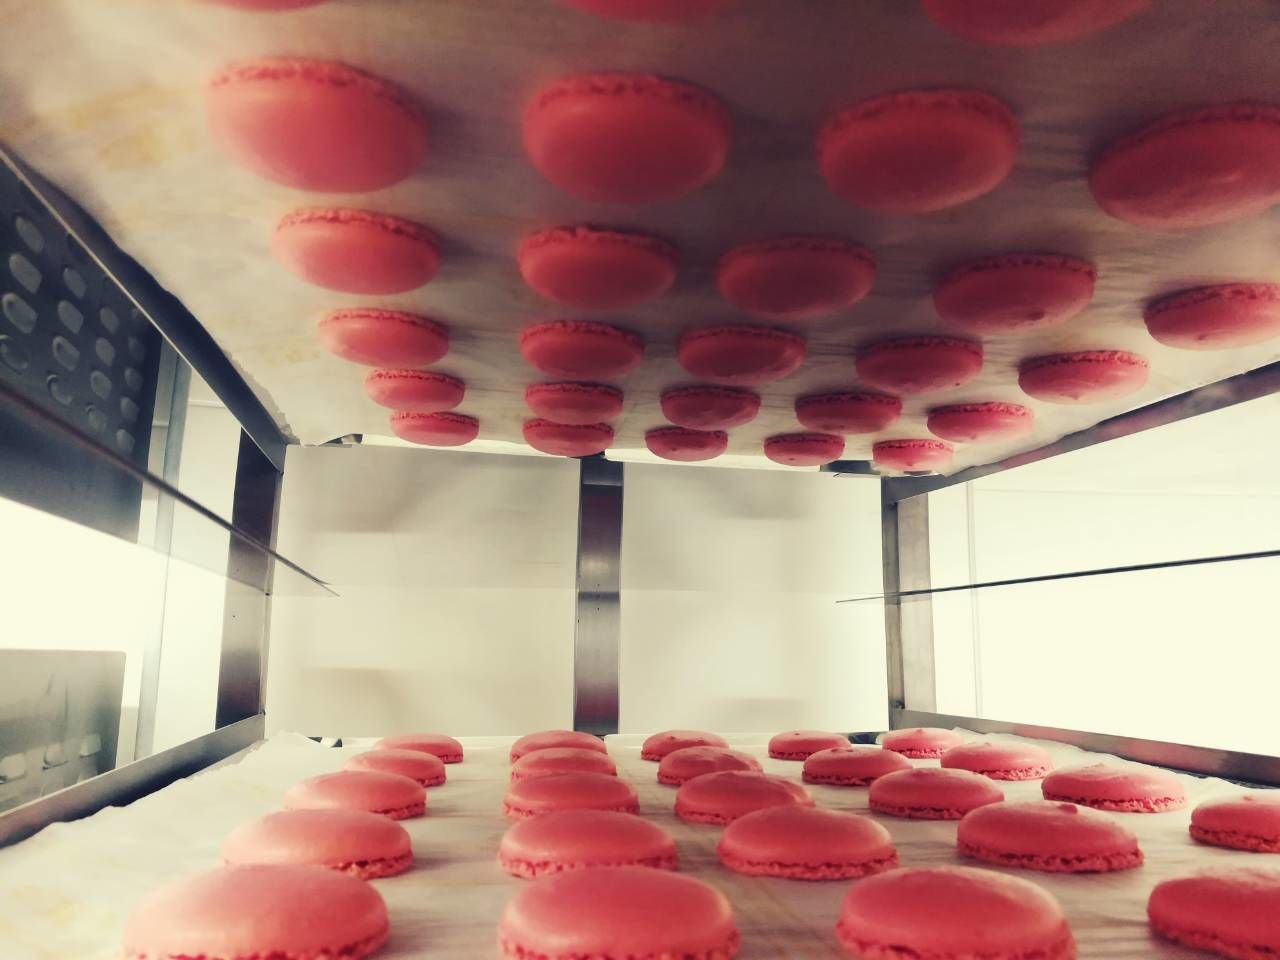 ροζ μακαρόν, Ζαχαροπλαστεία καλαμάτας madamecharlotte.gr, σοκολατάκια πάστες γλυκά τούρτες γεννεθλίων γάμου βάπτισης παιδικές θεματικές birthday theme party cake 2d 3d confectionery patisserie kalamata